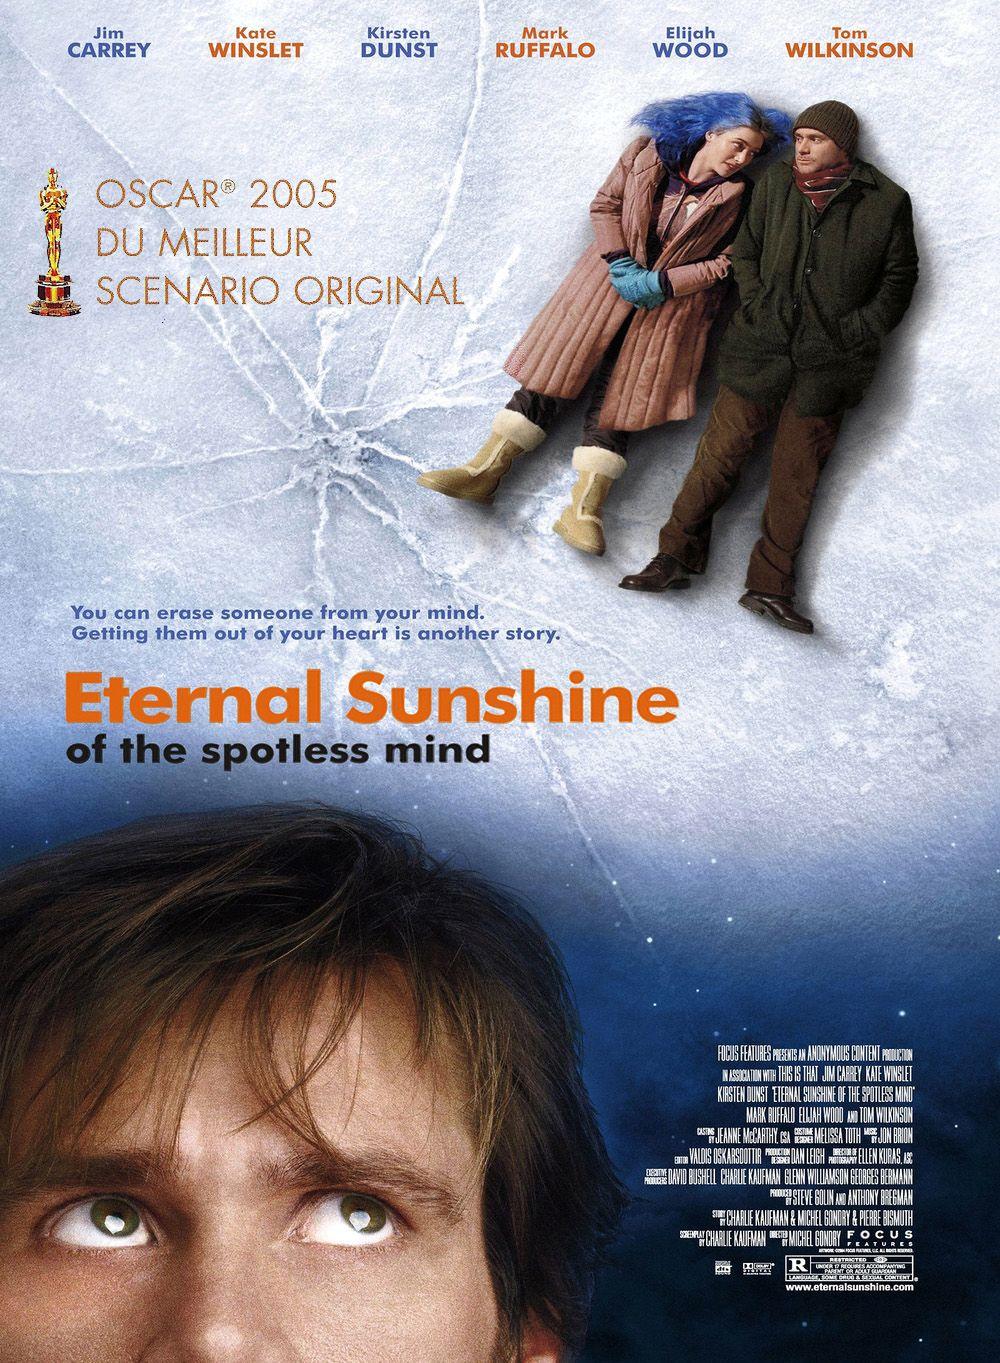 Votre dernier film visionné - Page 11 Eternal_Sunshine_of_the_Spotless_Mind